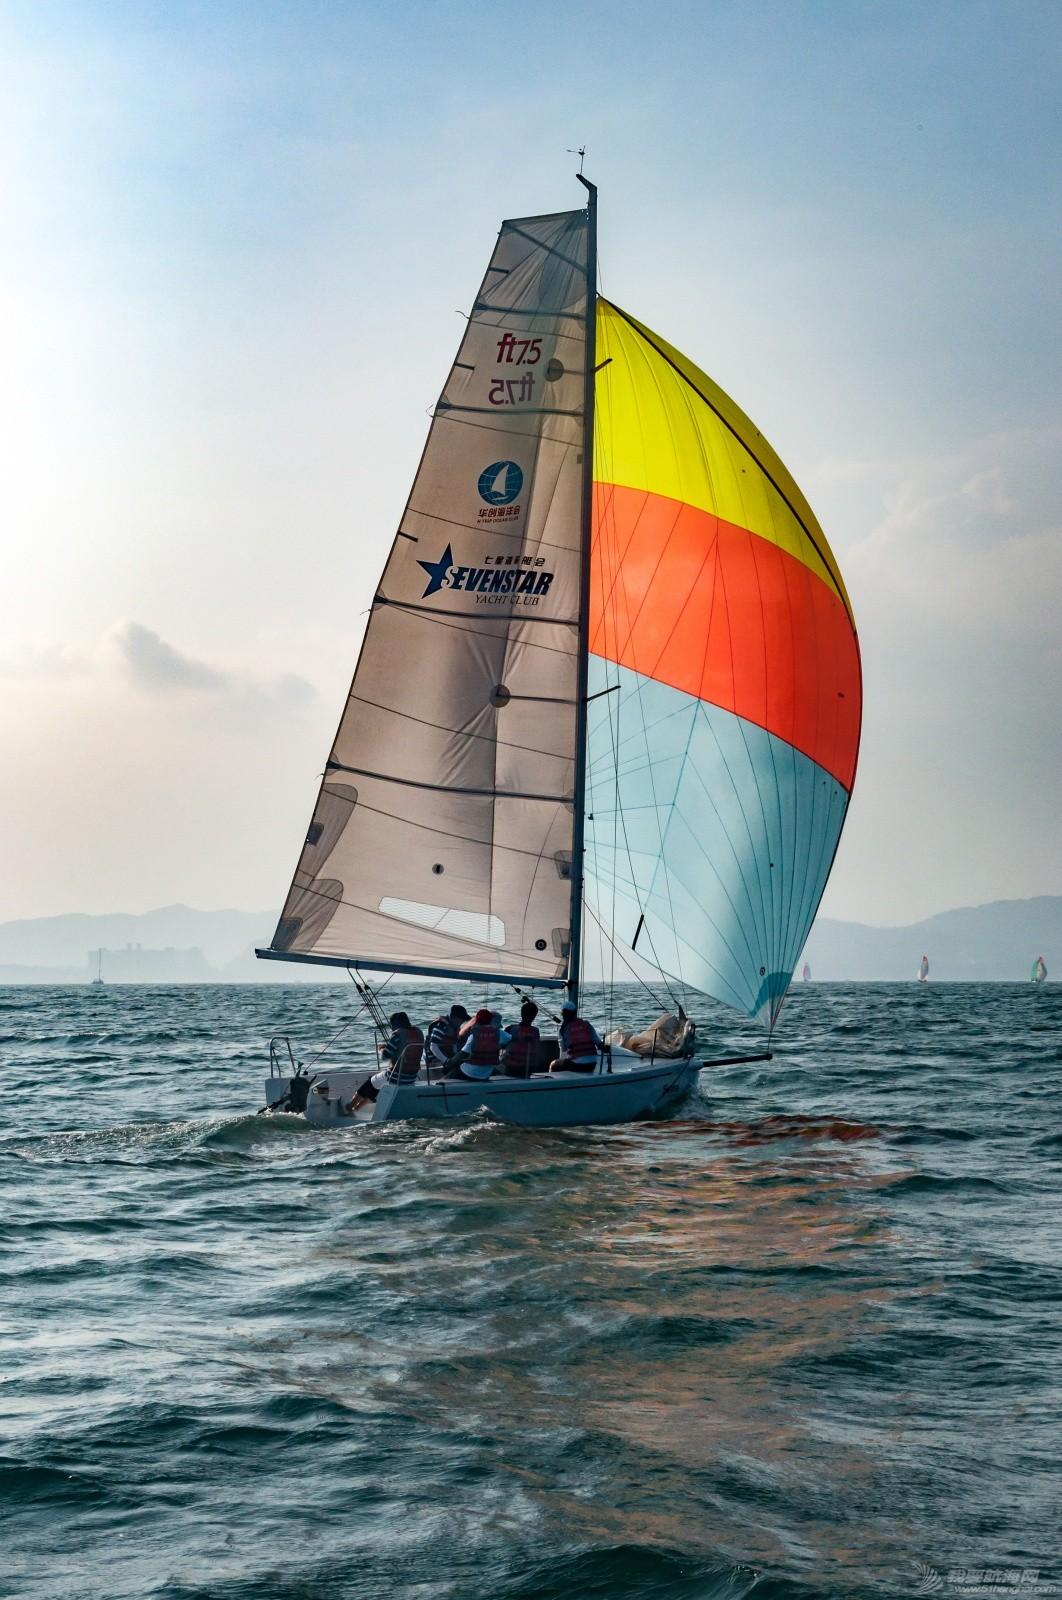 【2015大鹏杯帆船赛】22号下午第二辑(54图) s092.jpg